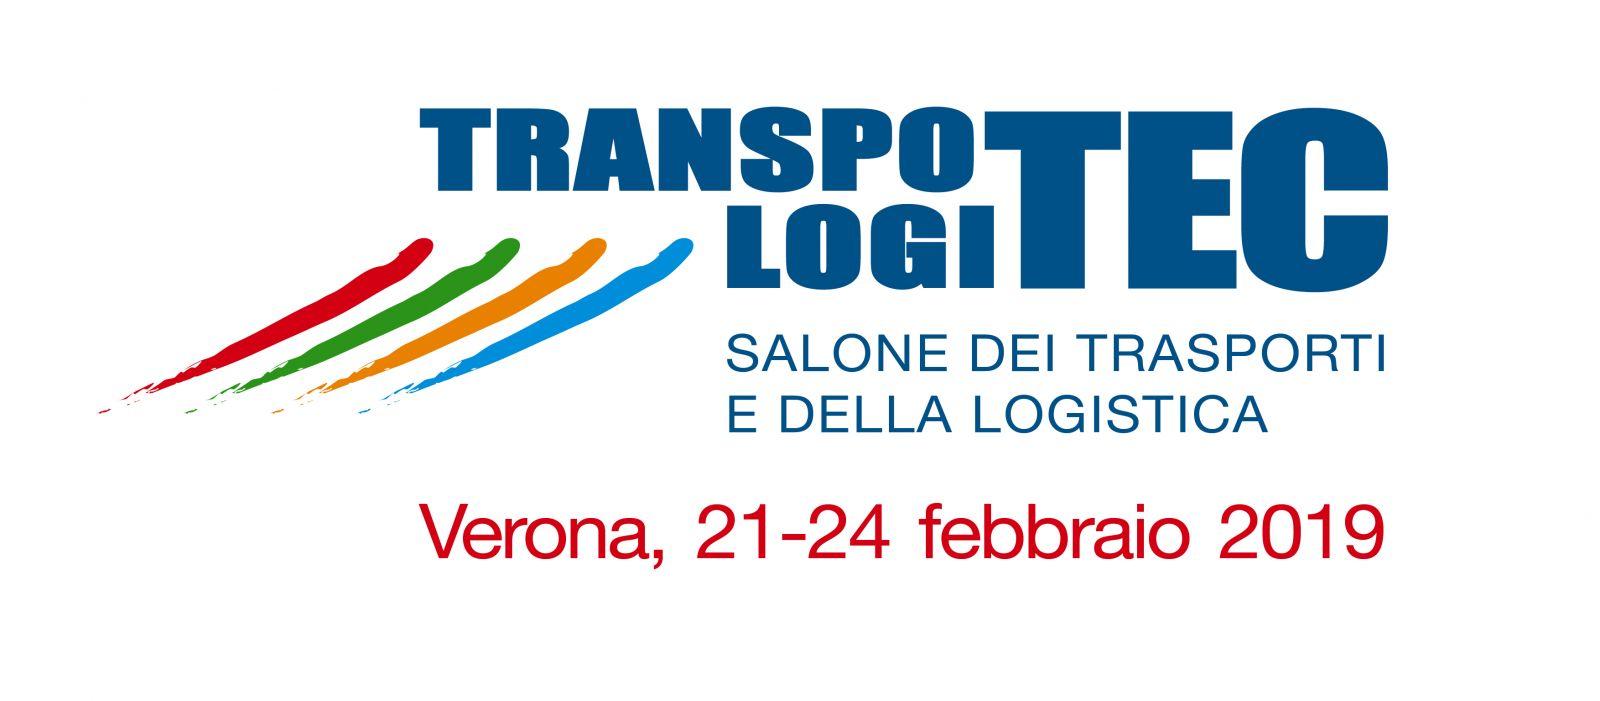 Transpotec Logitec 2019: Viasat ha presentato TMS, la nuova soluzione per il Fleet Management